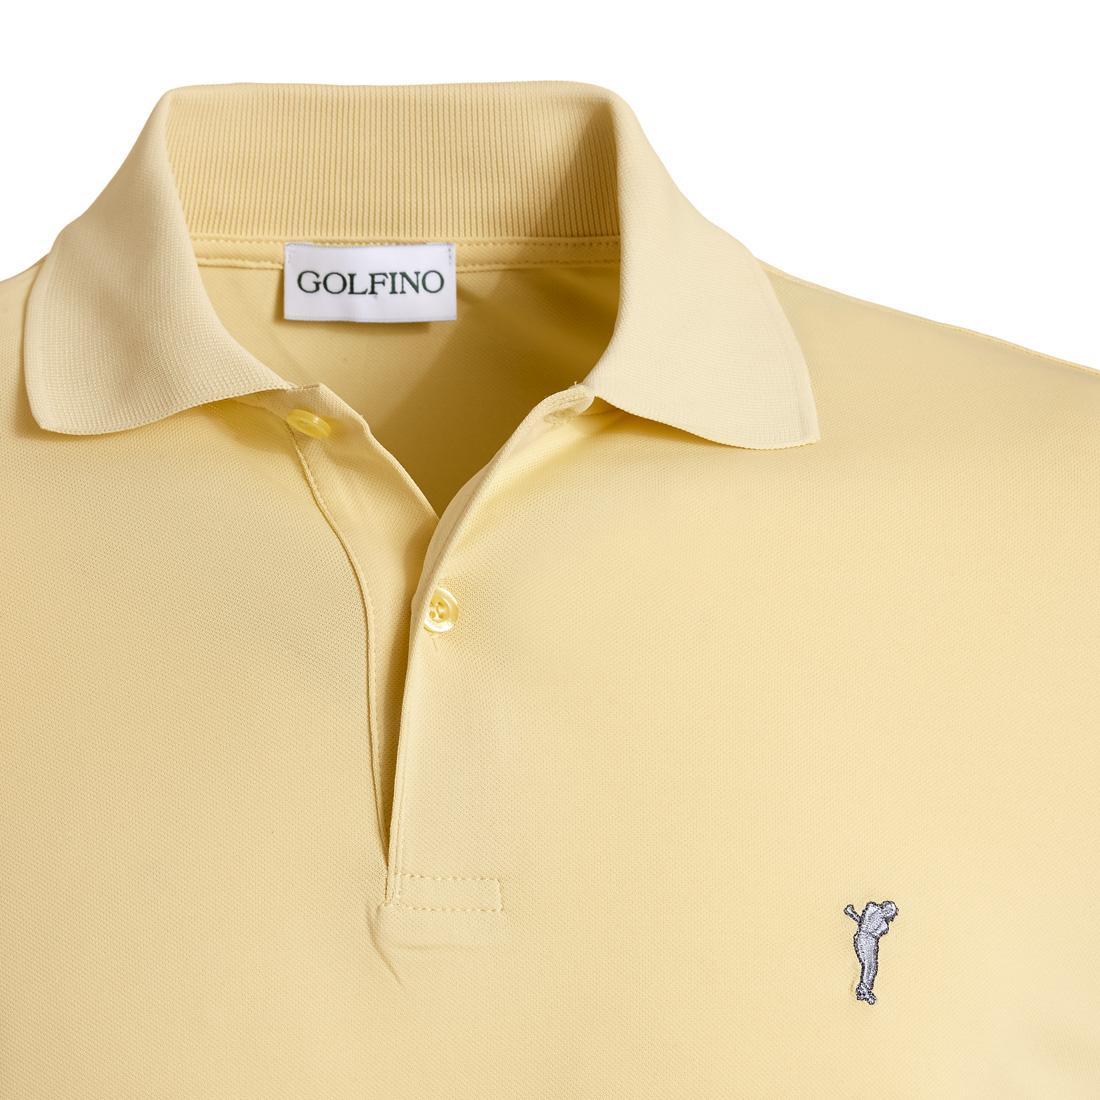 Herren Funktions-Golfpolo Dry Comfort in Regular Fit